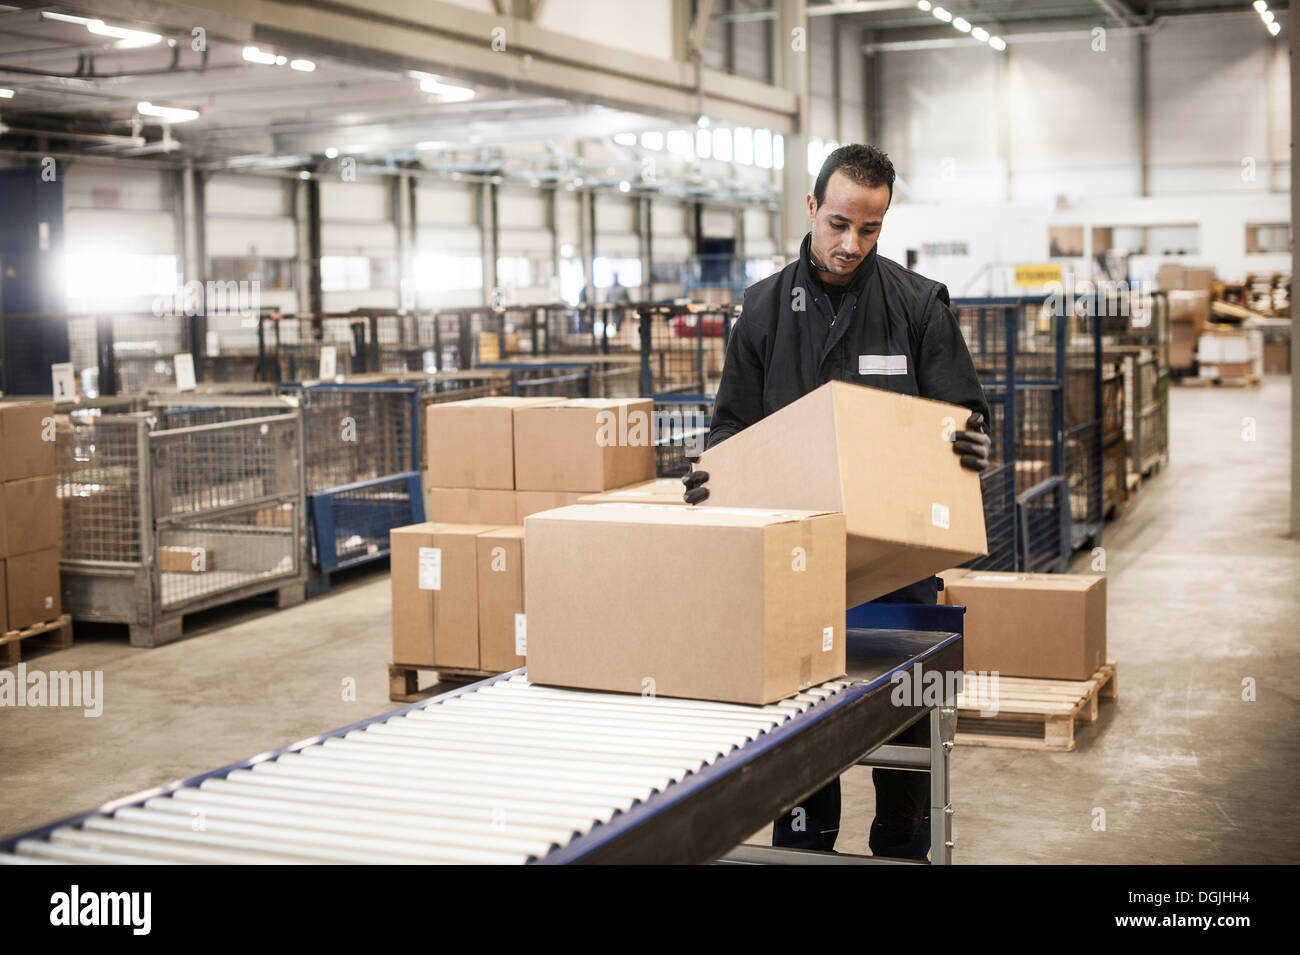 Magazzino maschio lavoratore controllo scatola di cartone dal nastro trasportatore Immagini Stock